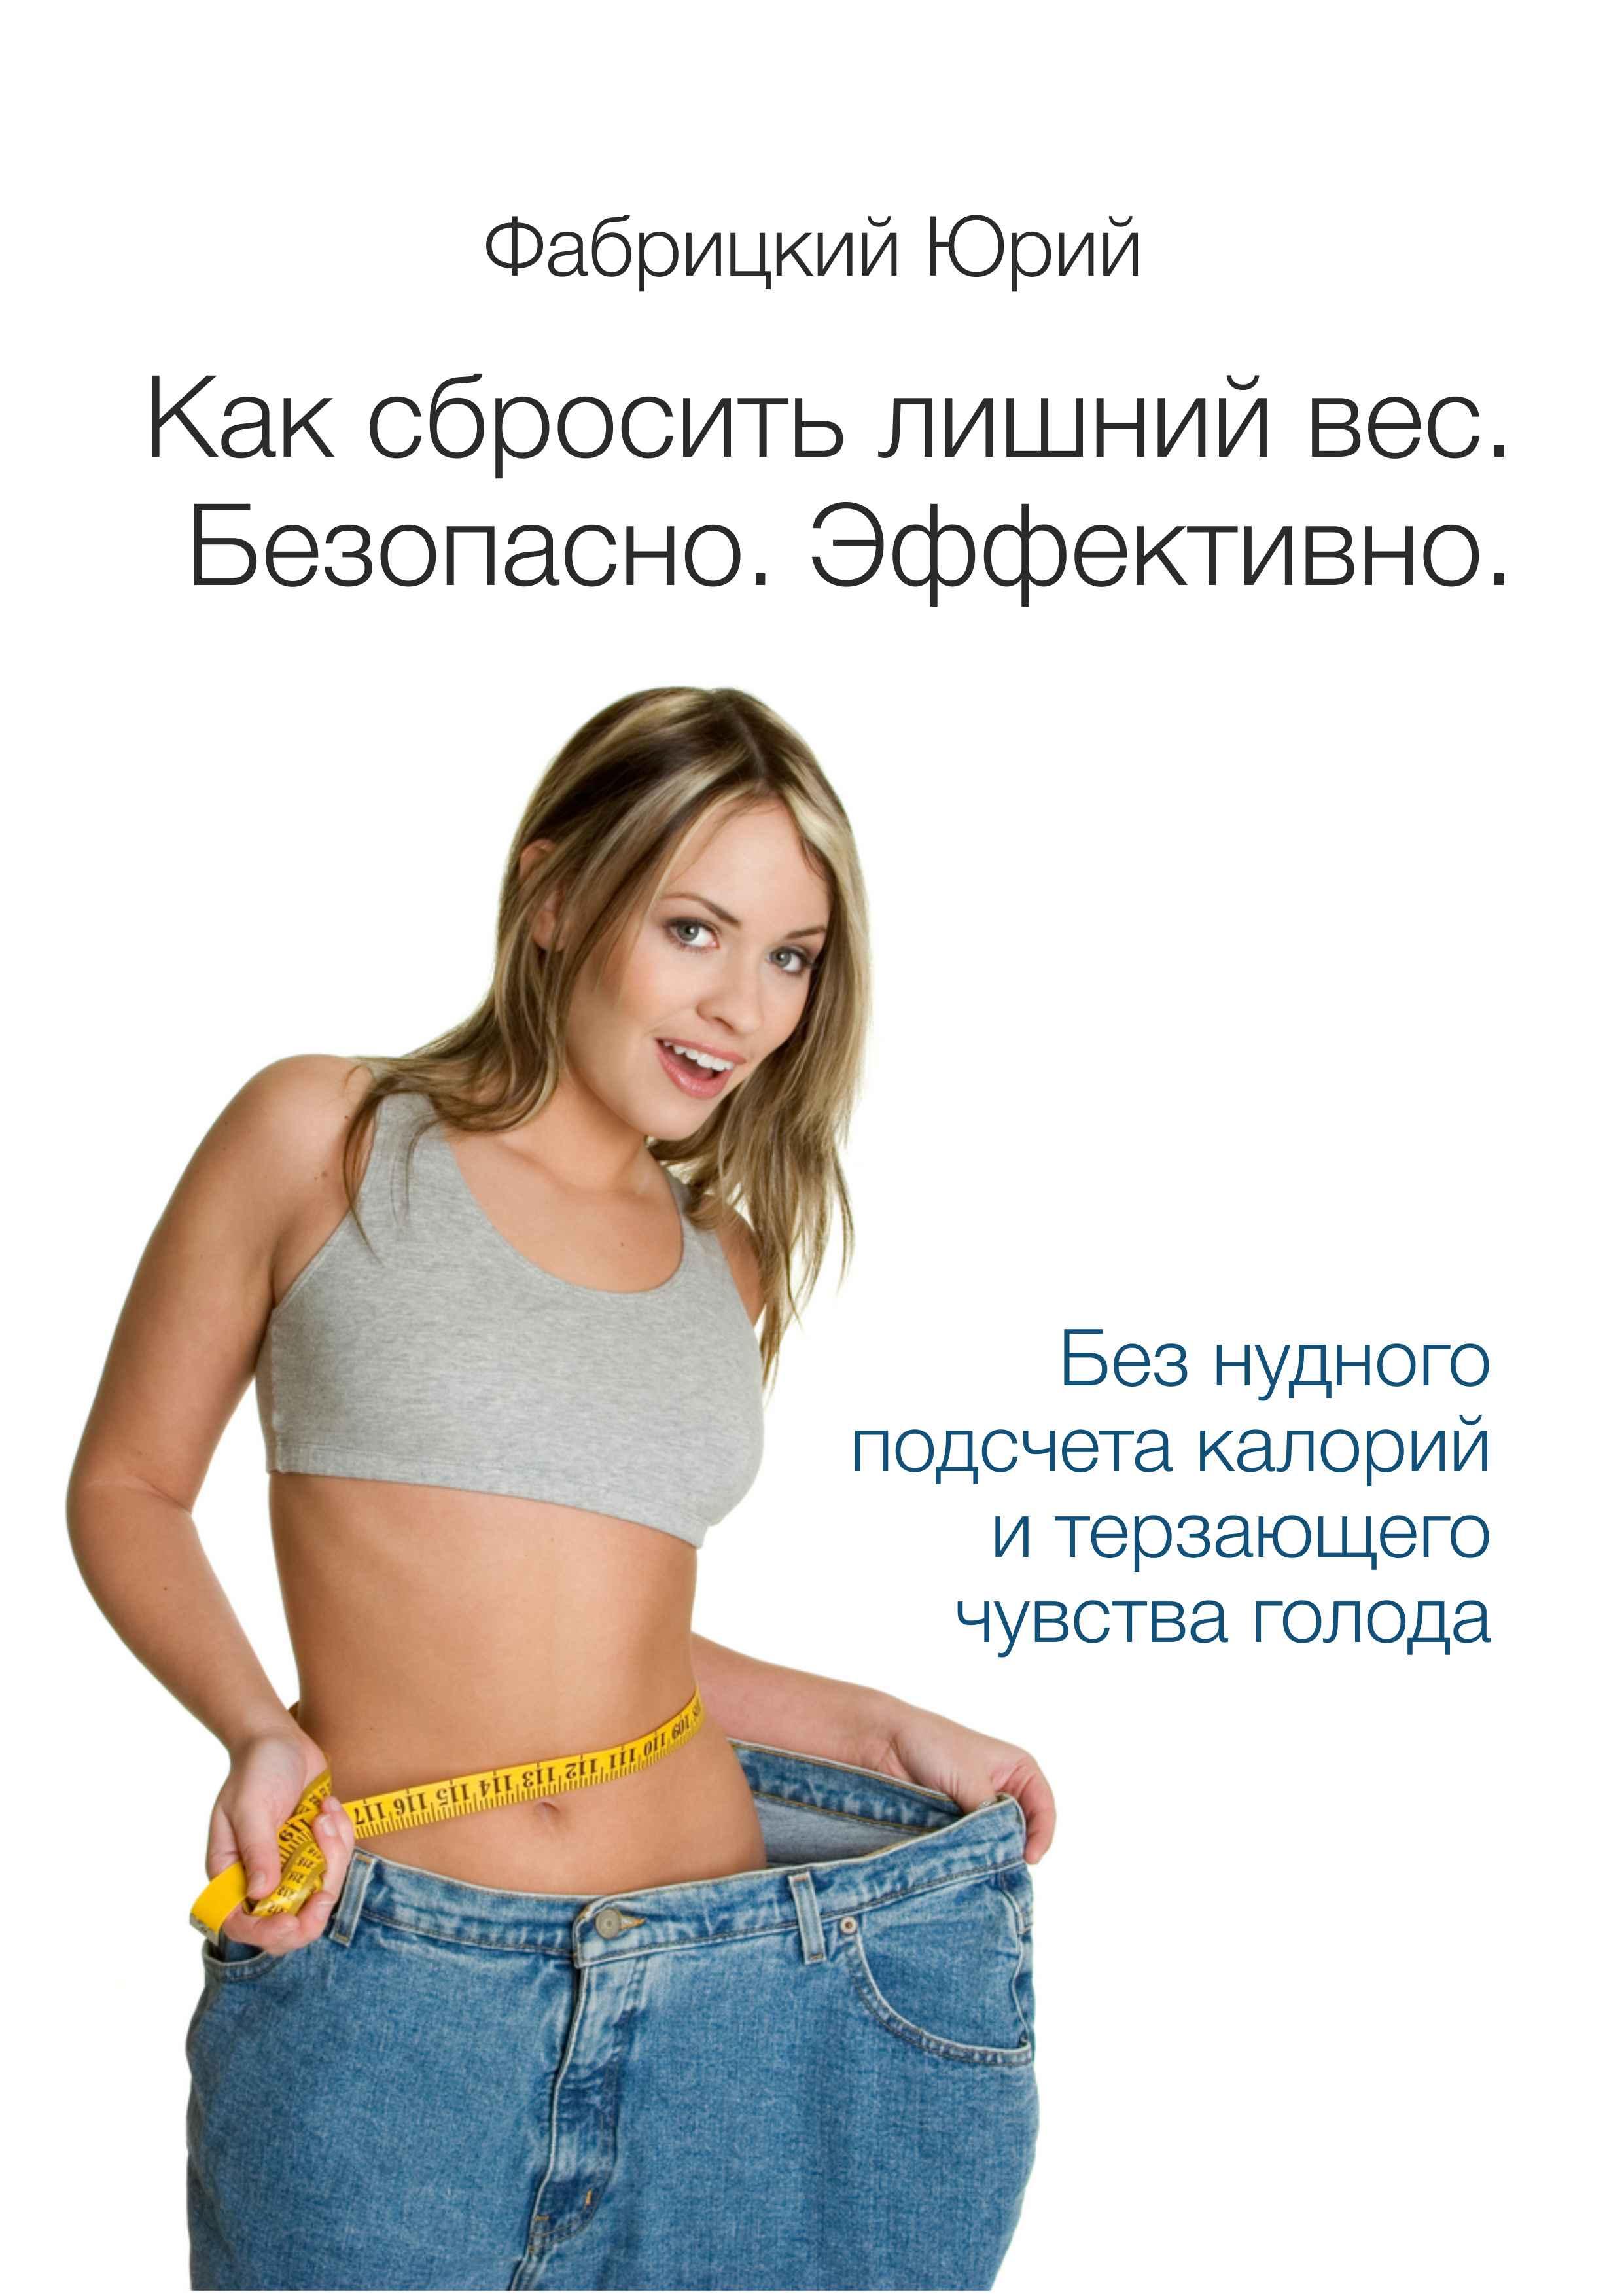 Свободная диета Как сбросить вес не ограничивая себя